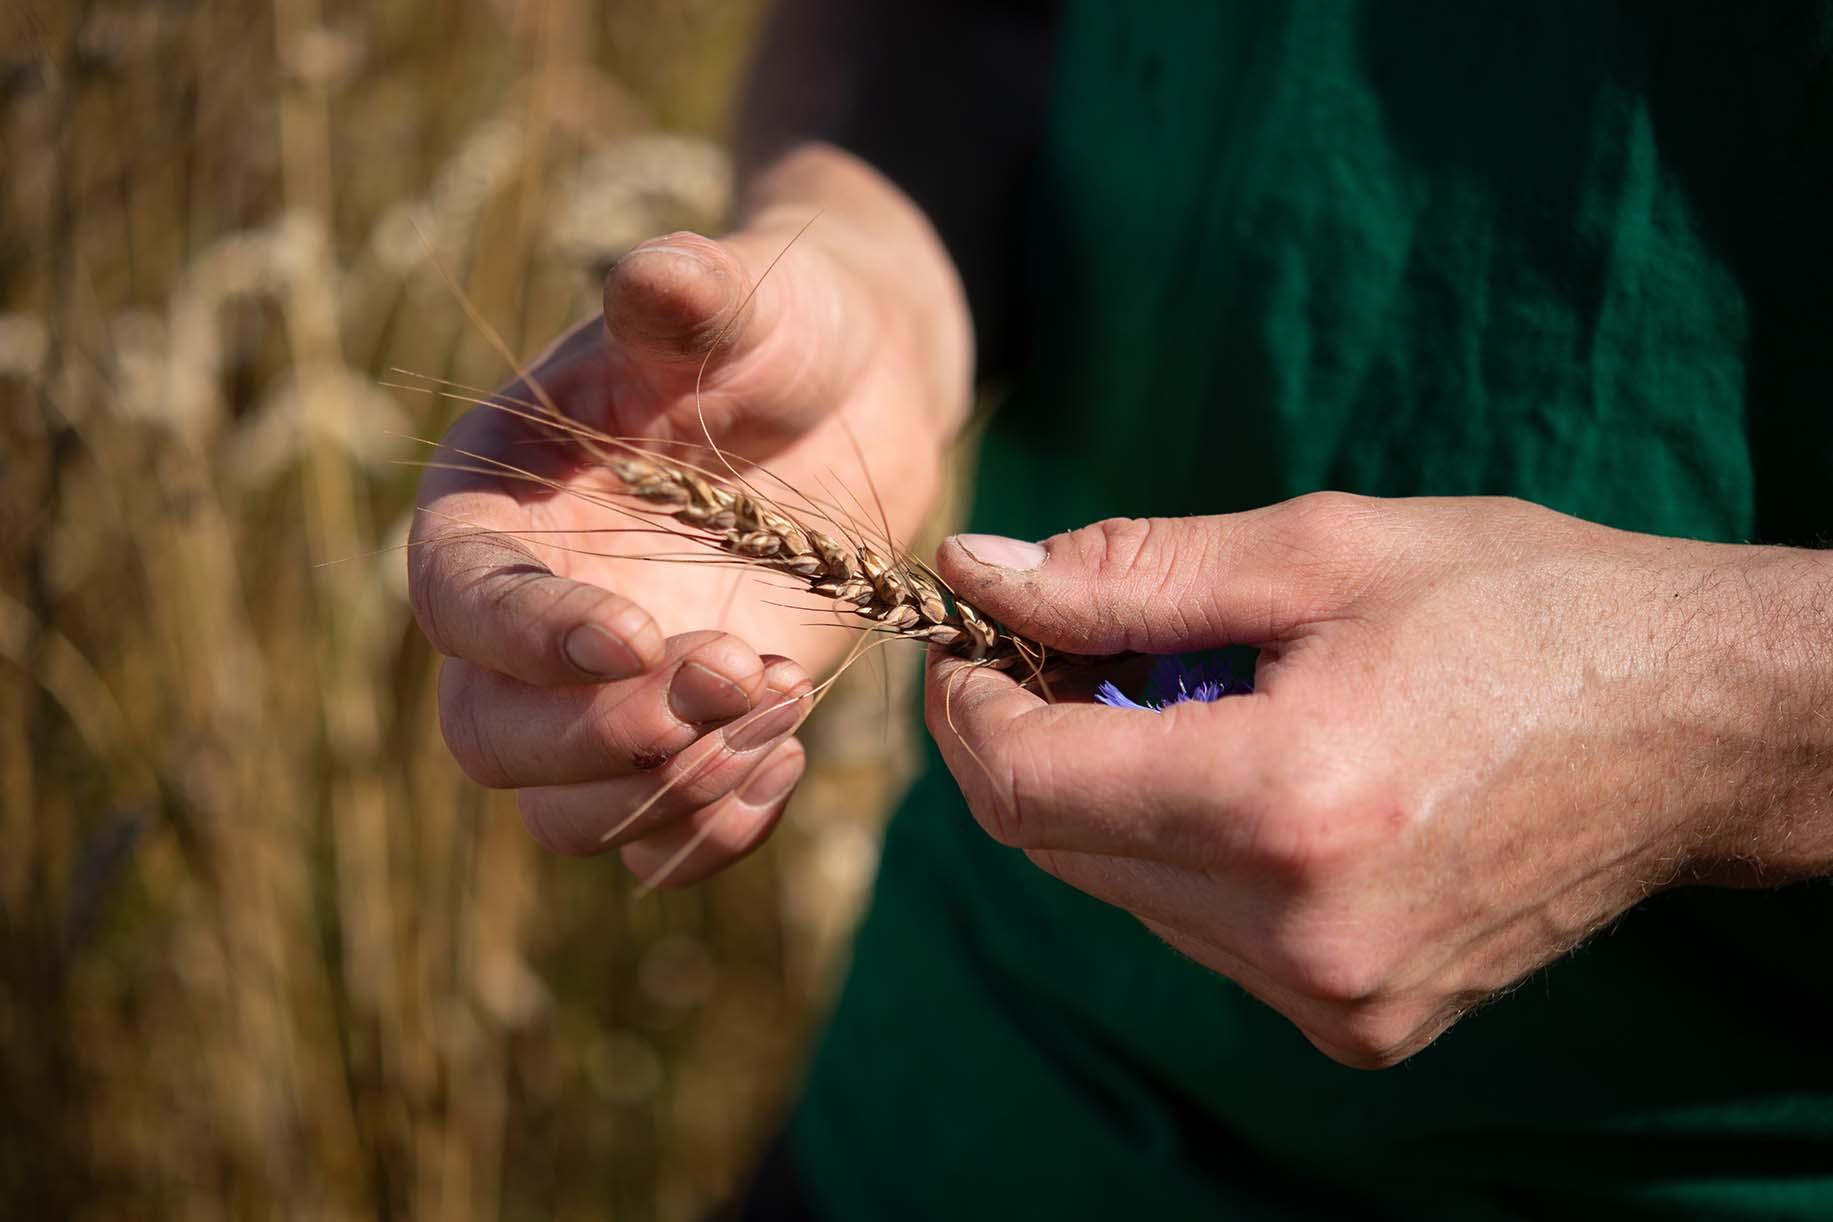 Philipp hält einen Halm Getreide in der Hand